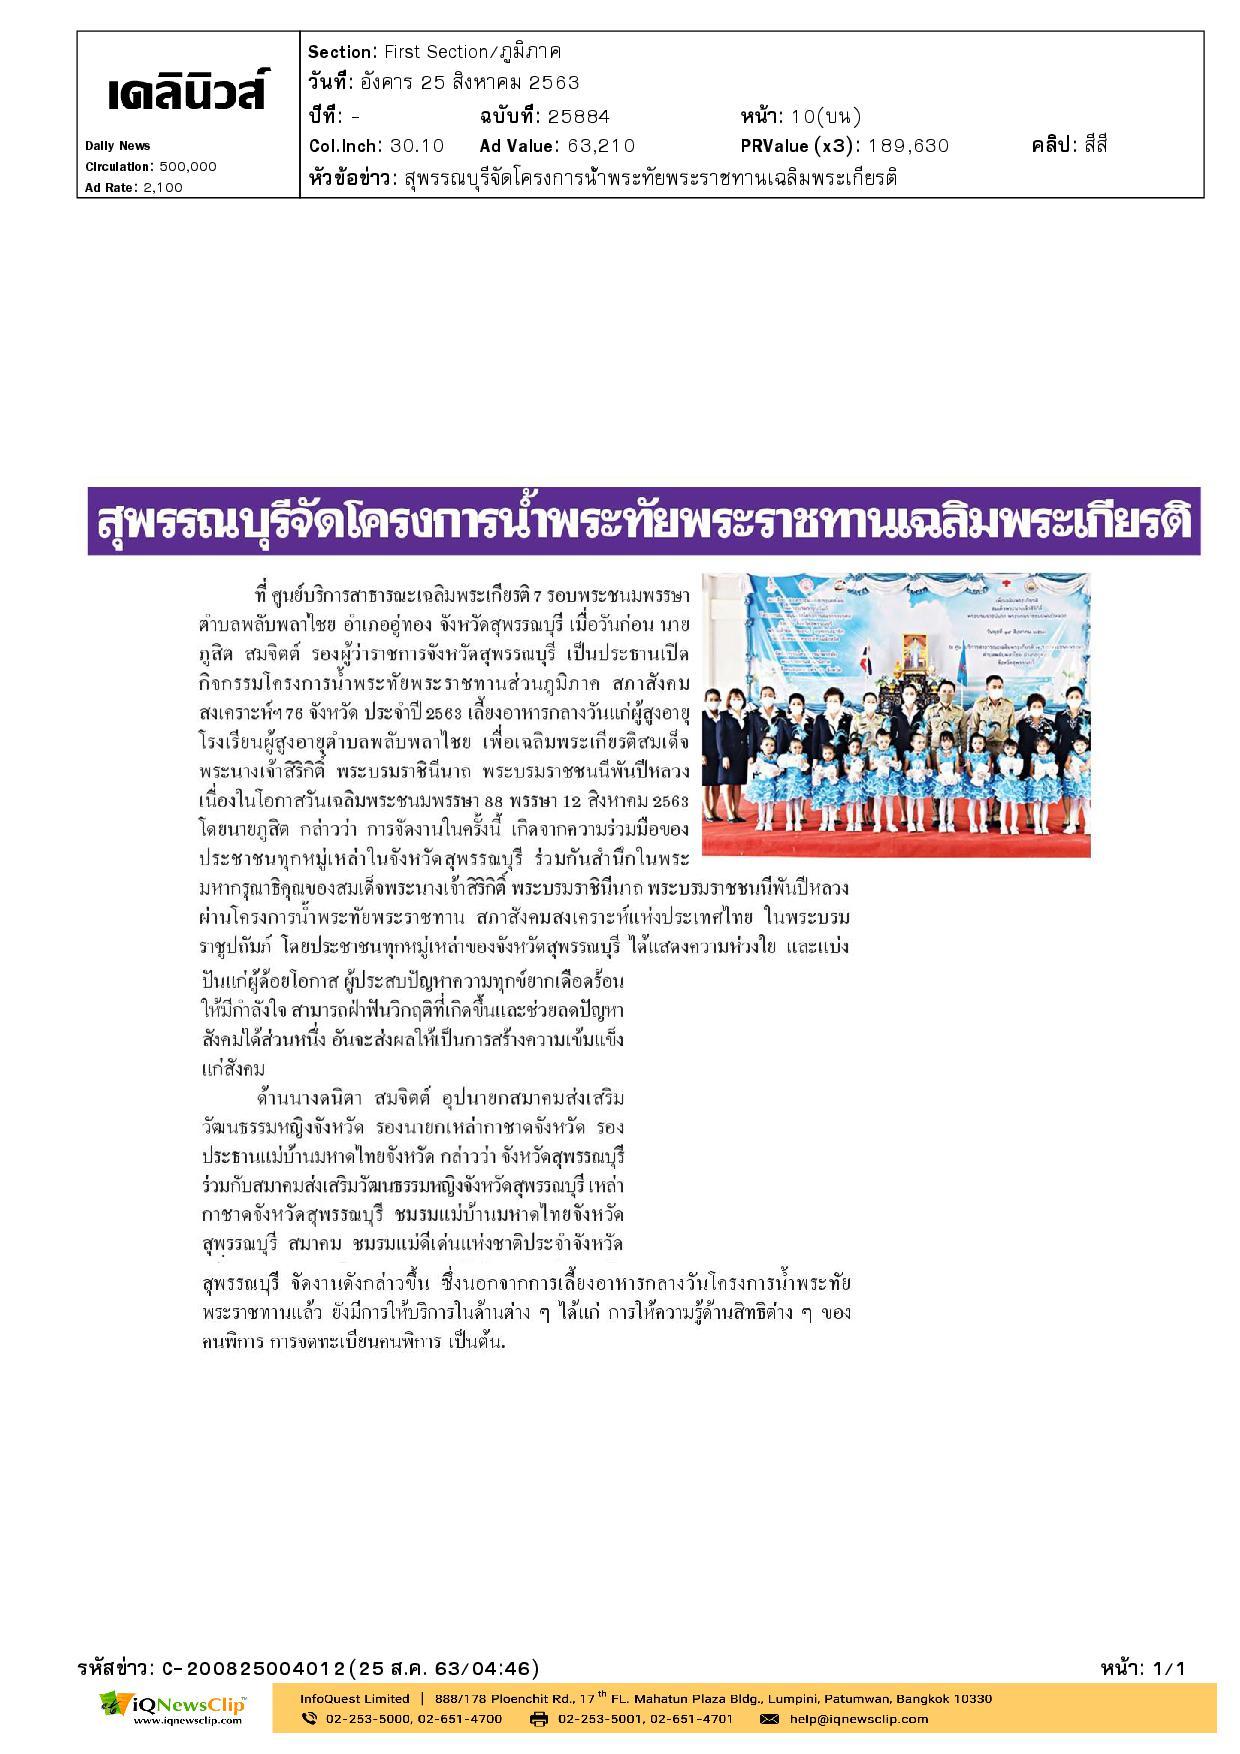 เหล่ากาชาด จ.สุพรรณบุรี เปิดกิจกรรมโครงการน้ำพระทัยพระราชทานส่วนภูมิภาค